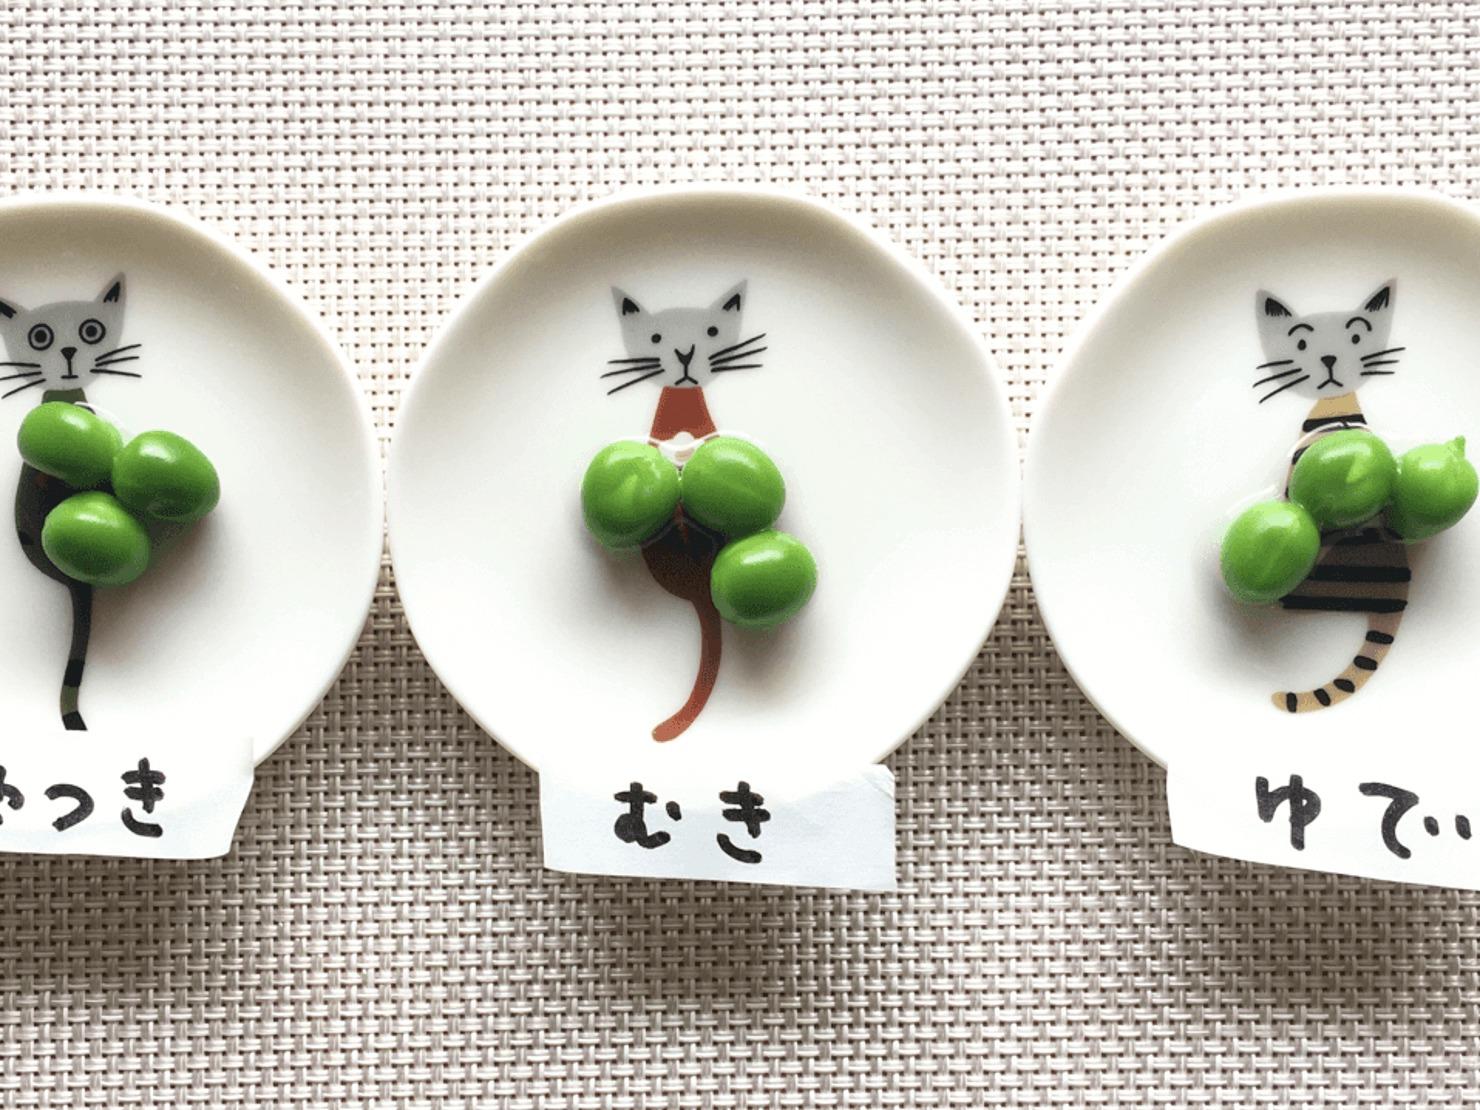 3種の冷凍法のグリーンピースの写真